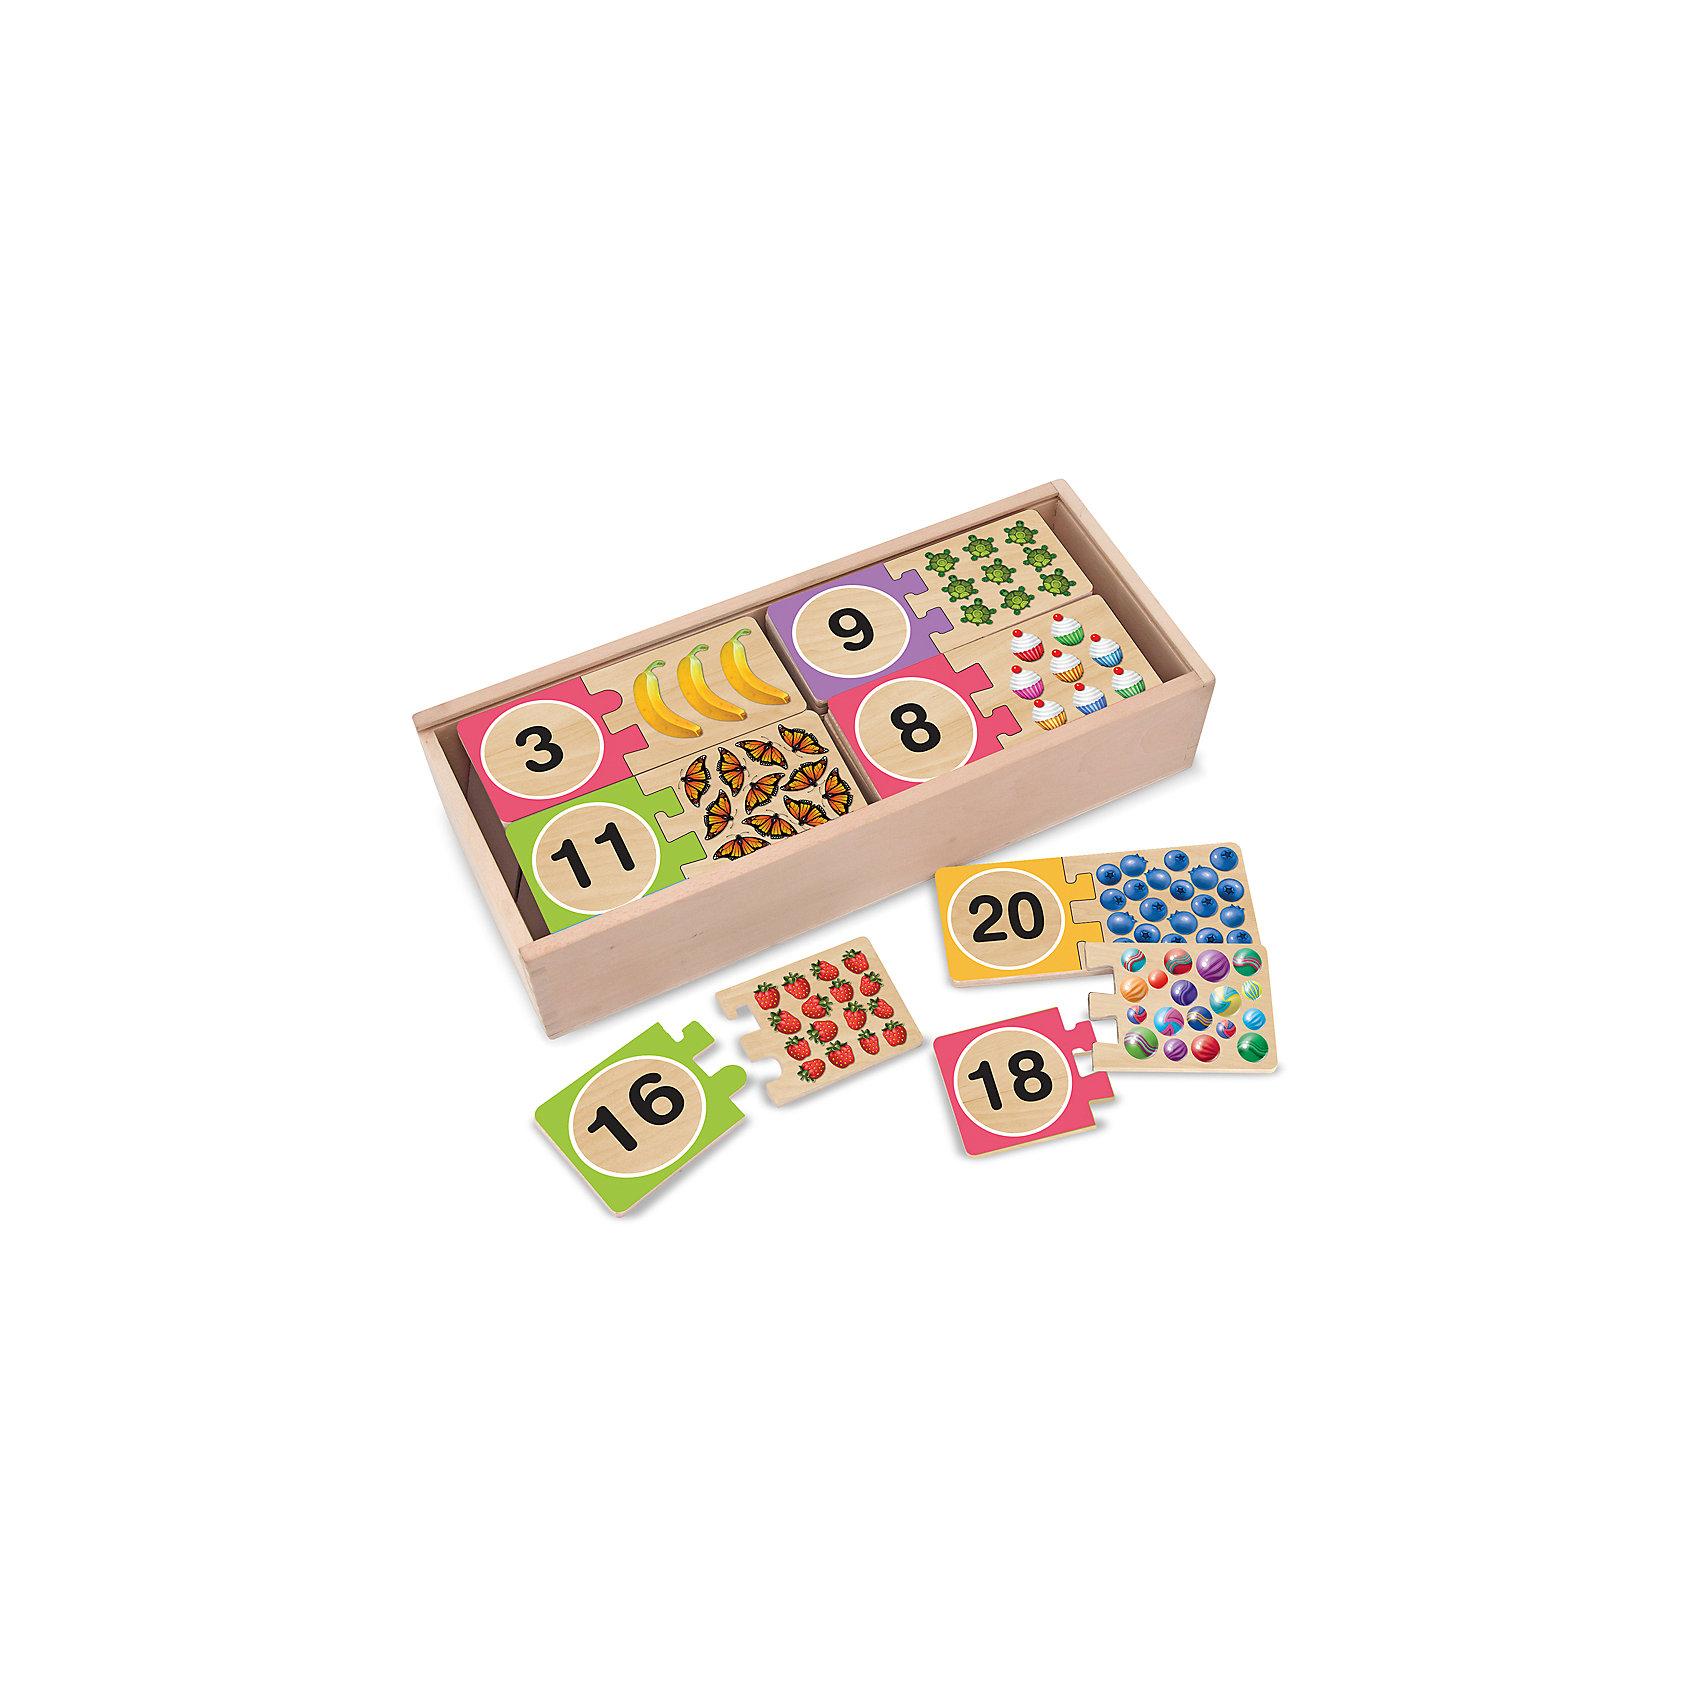 Игра Цифры, Melissa &amp; DougИгра Цифры, Melissa &amp; Doug (Мелисса и Даг) – это веселая и познавательная игра познакомит малыша с цифрами.<br>С таким набором Ваш ребенок быстро и удовольствием выучит цифры от 1 до 20 и счёт, ведь урок можно превратить в веселую игру. В деревянной коробочке Вы найдете 20 пар головоломок, которые нужно соединить так, чтобы цифра совпала с количеством картинок, изображенных на рисунке, т.е. если у Вас есть цифра 11, то к ней подойдет 11 бабочек, и т.д. Каждому рисунку подходит только одна цифра, поэтому Ваш ребенок будет запоминать все числа правильно! Такой набор поможет Вашему малышу с легкостью изучить числа, а также способствует развитию моторики ручек и логического мышления.<br><br>Дополнительная информация:<br><br>- В набор входят 20 пар головоломок: цифры от 1 до 20 и подходящие к ним иллюстративные части<br>- Материал: дерево<br>- Размер упаковки: 14х32х7 см.<br><br>Игру Цифры, Melissa &amp; Doug (Мелисса и Даг) можно купить в нашем интернет-магазине.<br><br>Ширина мм: 700<br>Глубина мм: 320<br>Высота мм: 140<br>Вес г: 1132<br>Возраст от месяцев: 48<br>Возраст до месяцев: 84<br>Пол: Унисекс<br>Возраст: Детский<br>SKU: 4005801